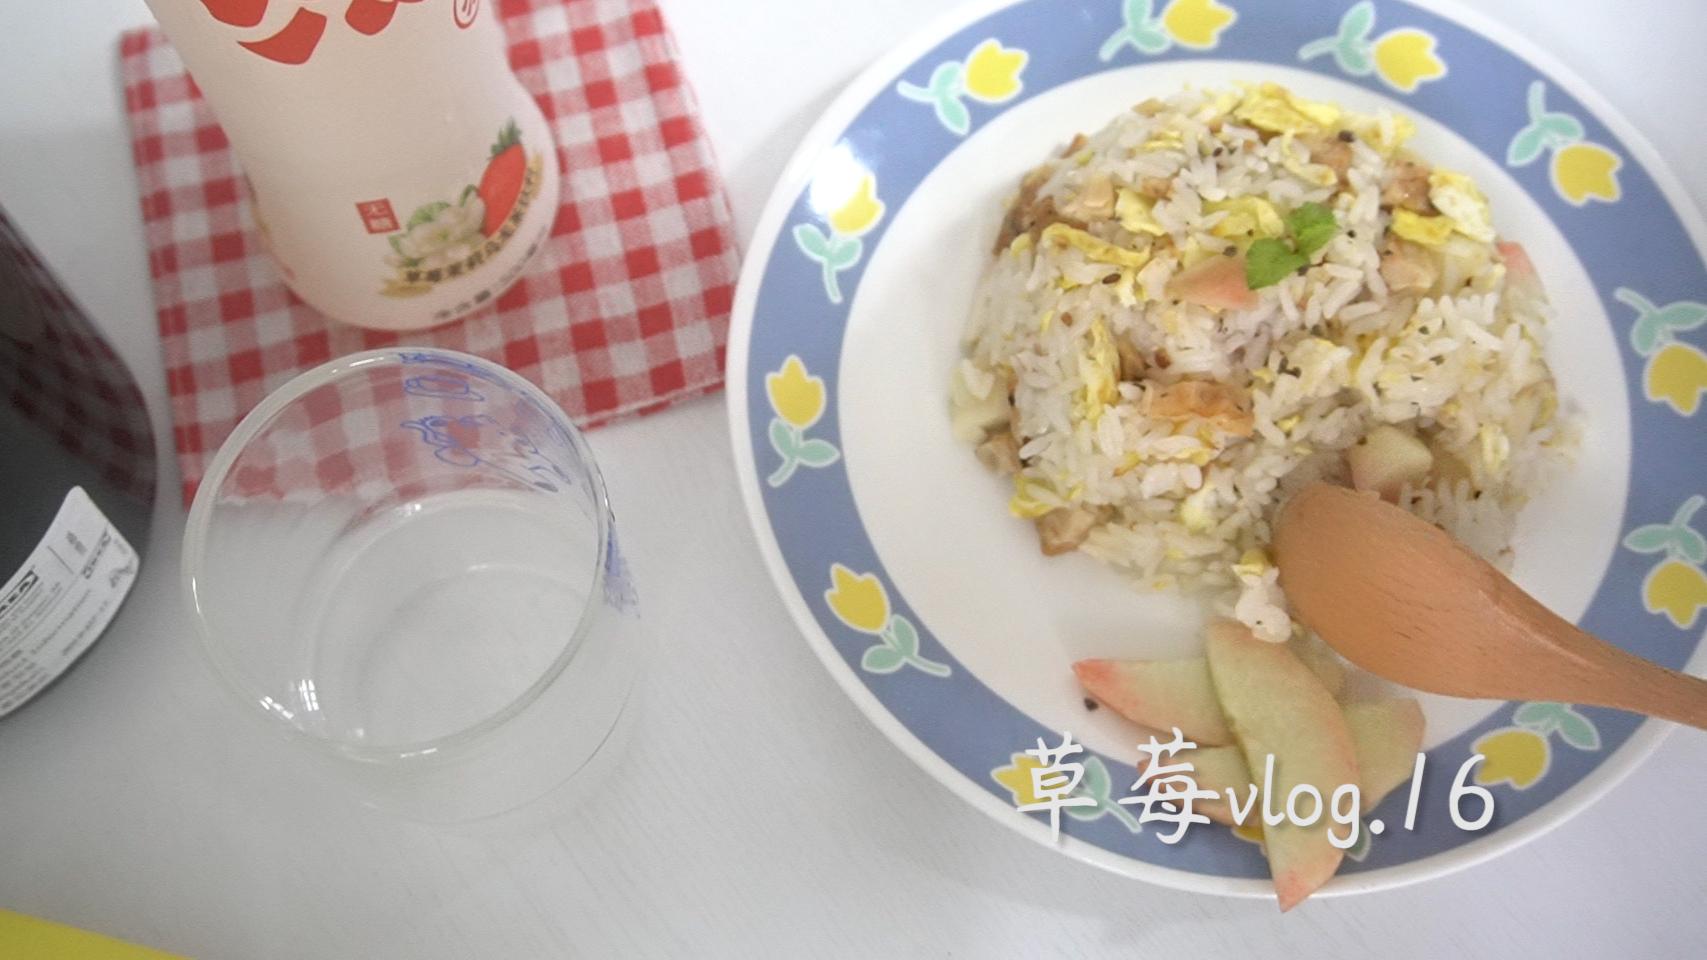 草莓vlog.16   鸡胸肉桃子炒饭   蜜桃乌龙茶   羽衣甘蓝脆片   宅家日常早餐